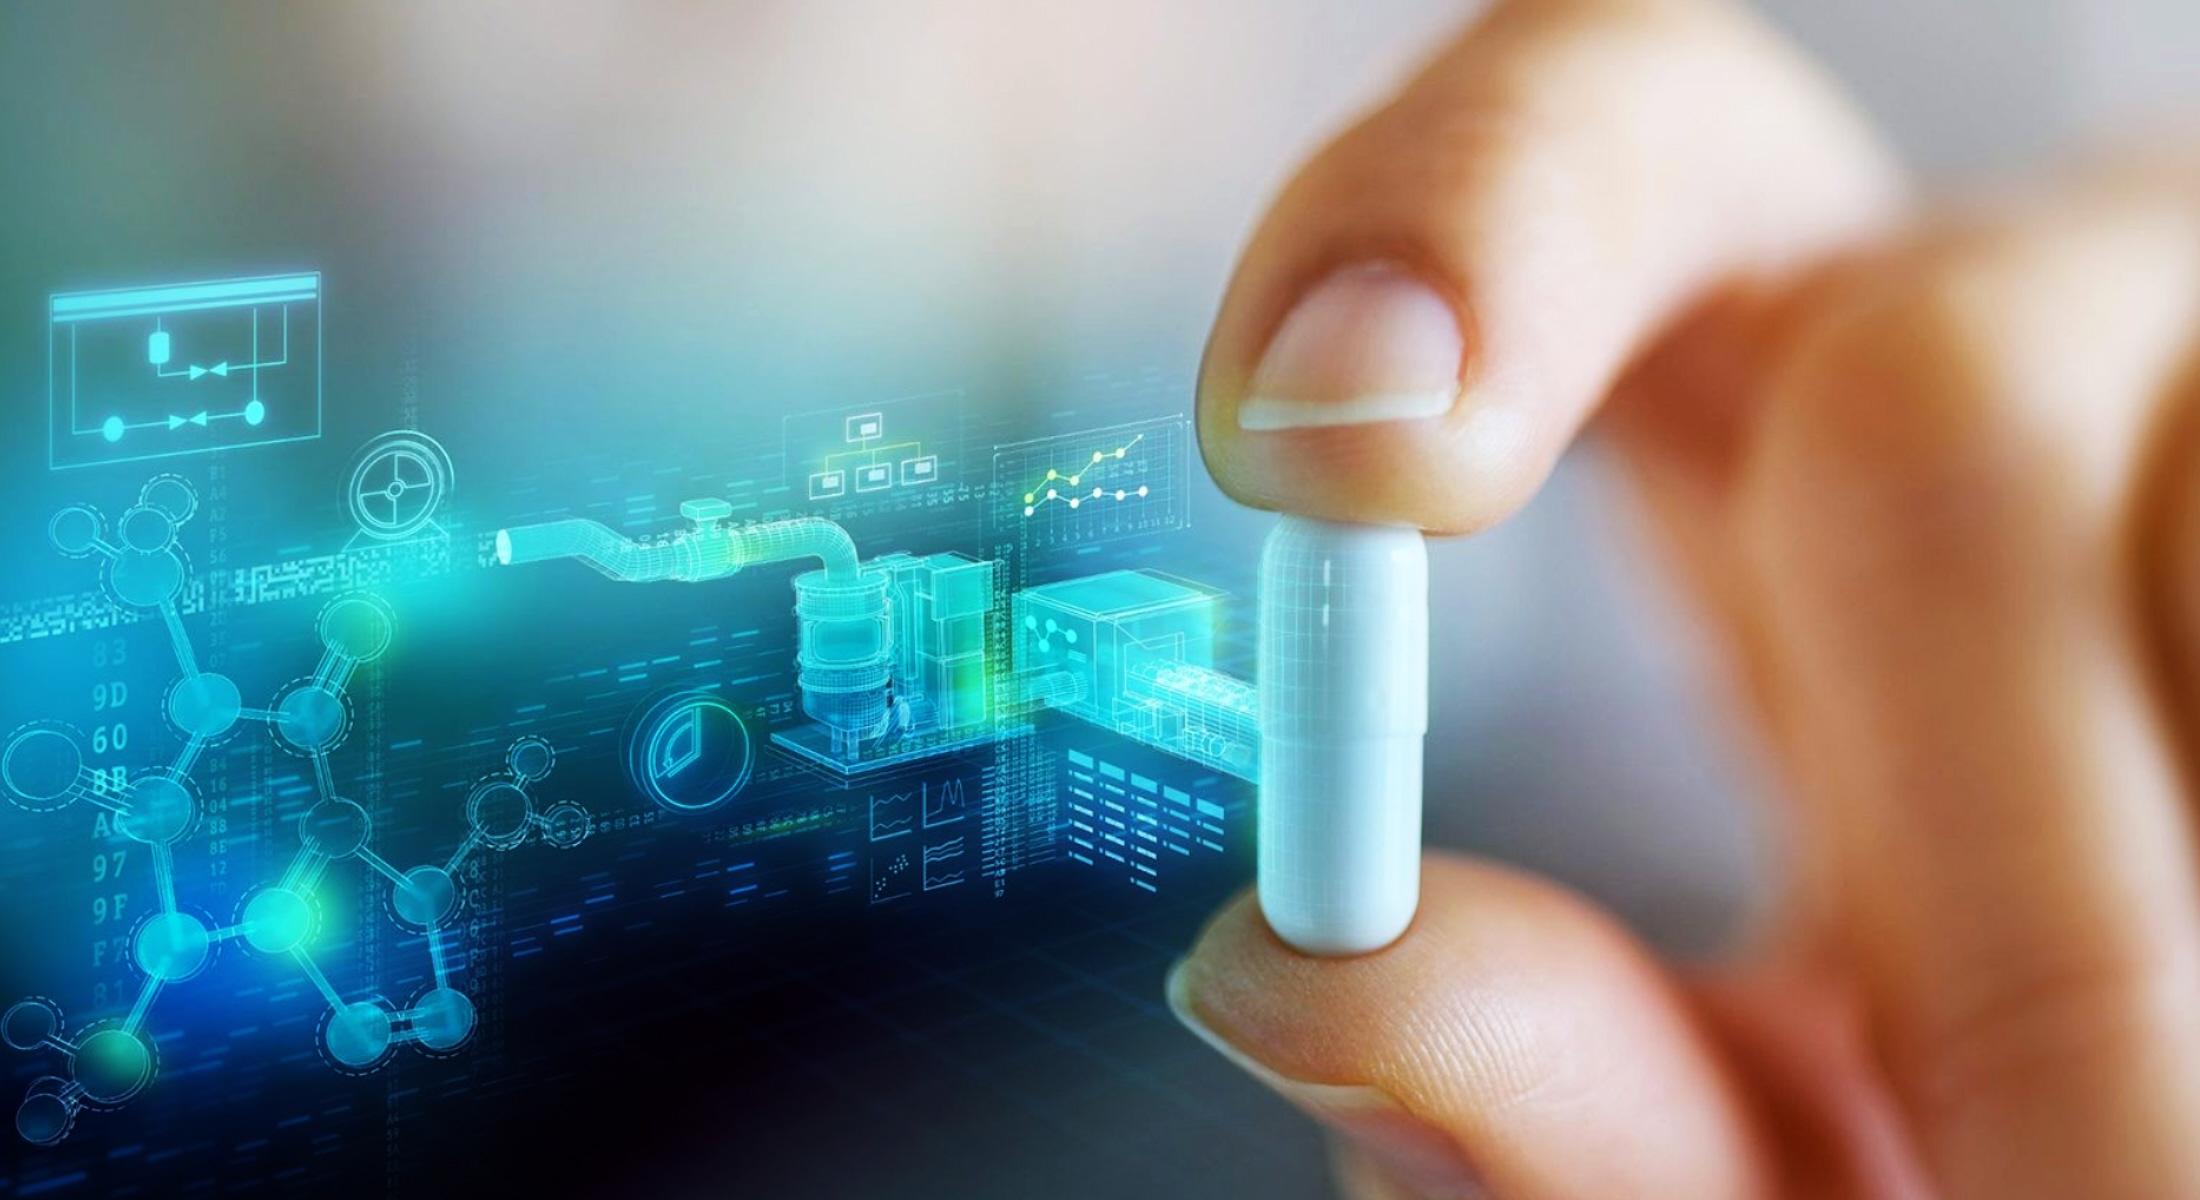 Επιστημονική έρευνα, ανοίγει νέους δρόμους για την ανακάλυψη φαρμάκου, κατά του κορονοϊού